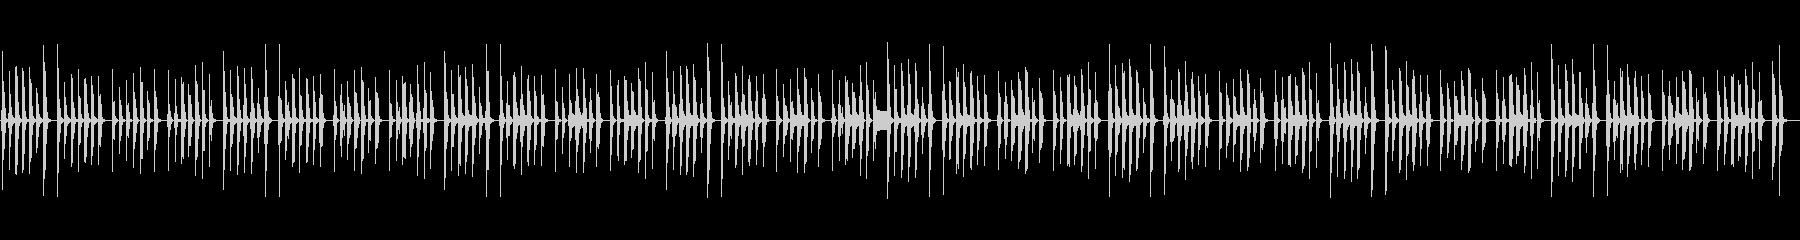 木琴と笛が可愛いピタゴラスイッチ風BGMの未再生の波形